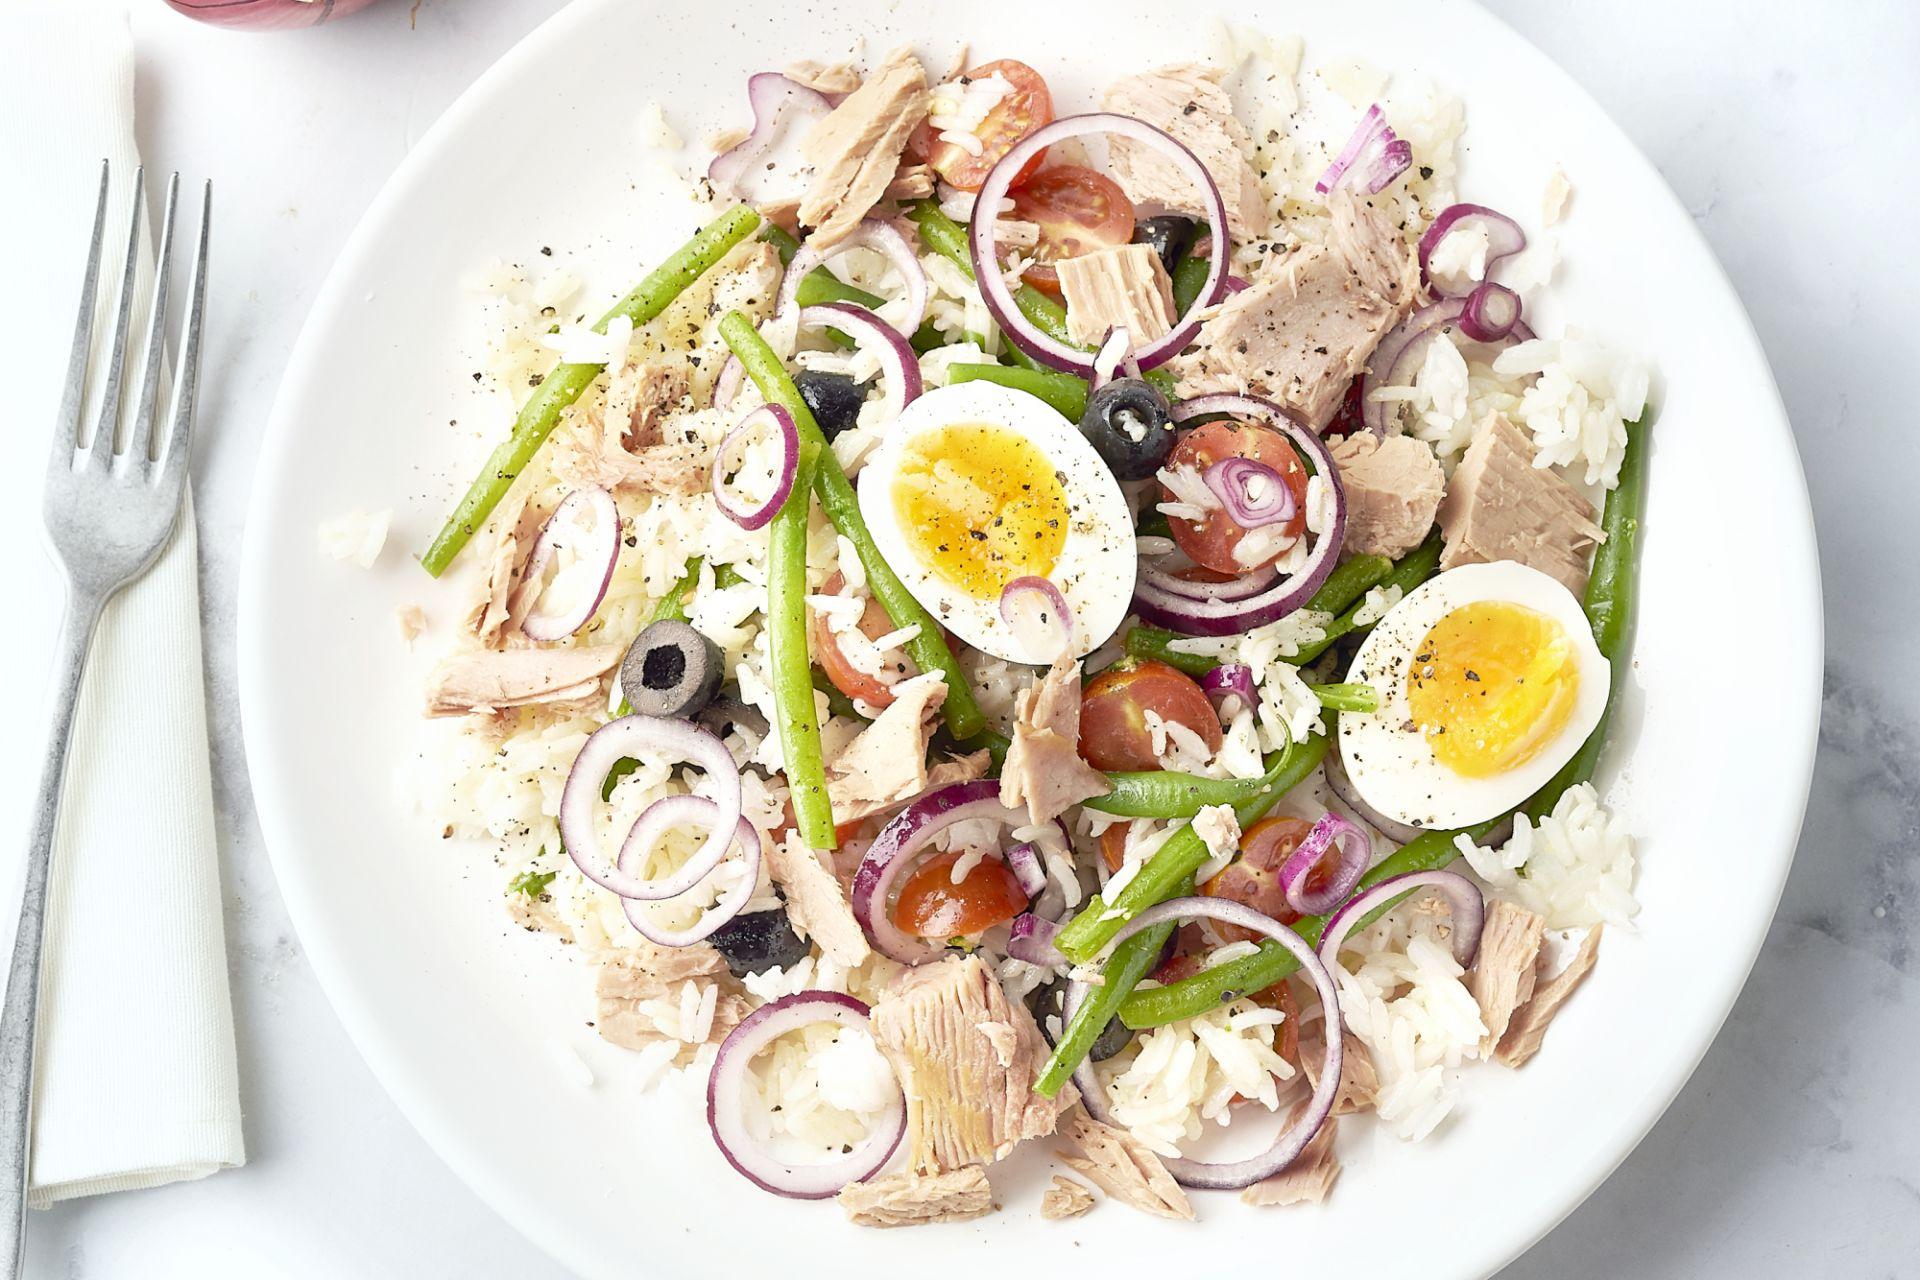 Rijstsalade met tonijn, ei en sperzieboontjes